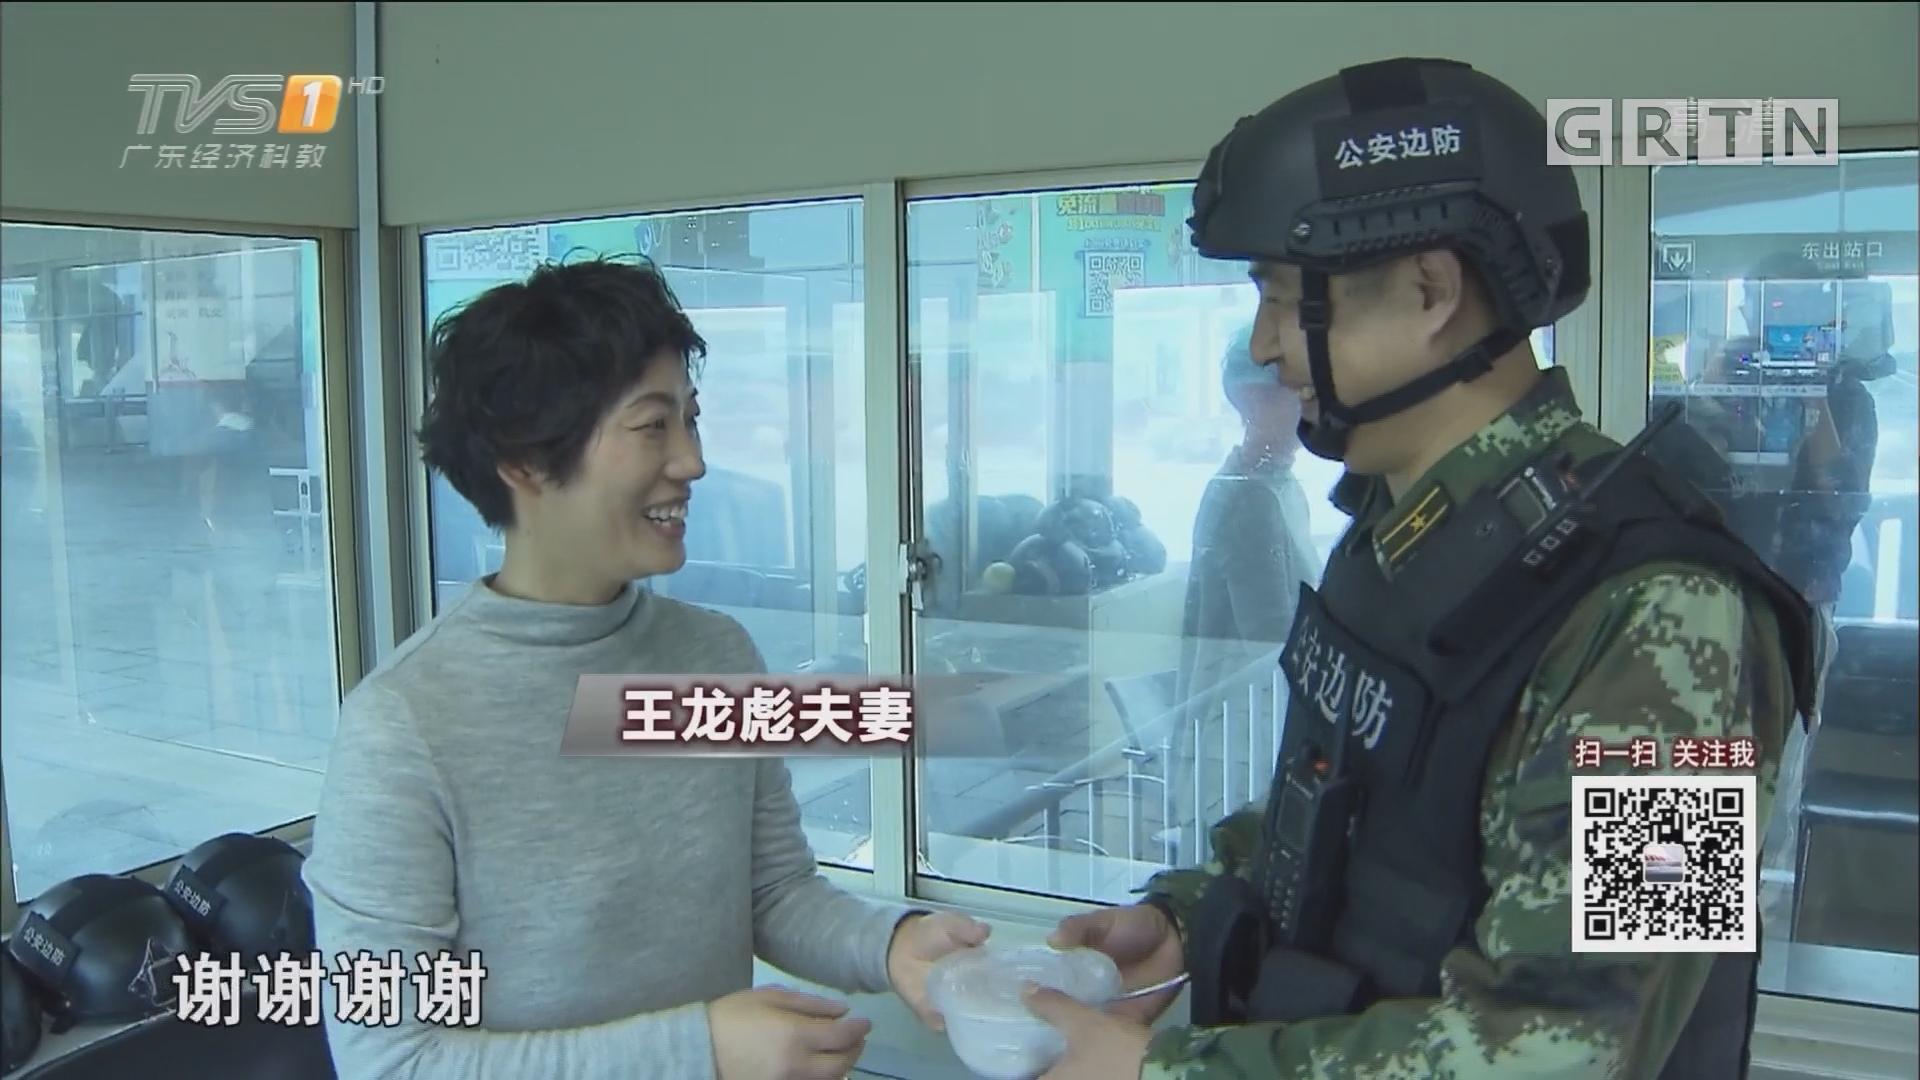 南站警官连续8年元宵站岗 今年元宵与妻团圆